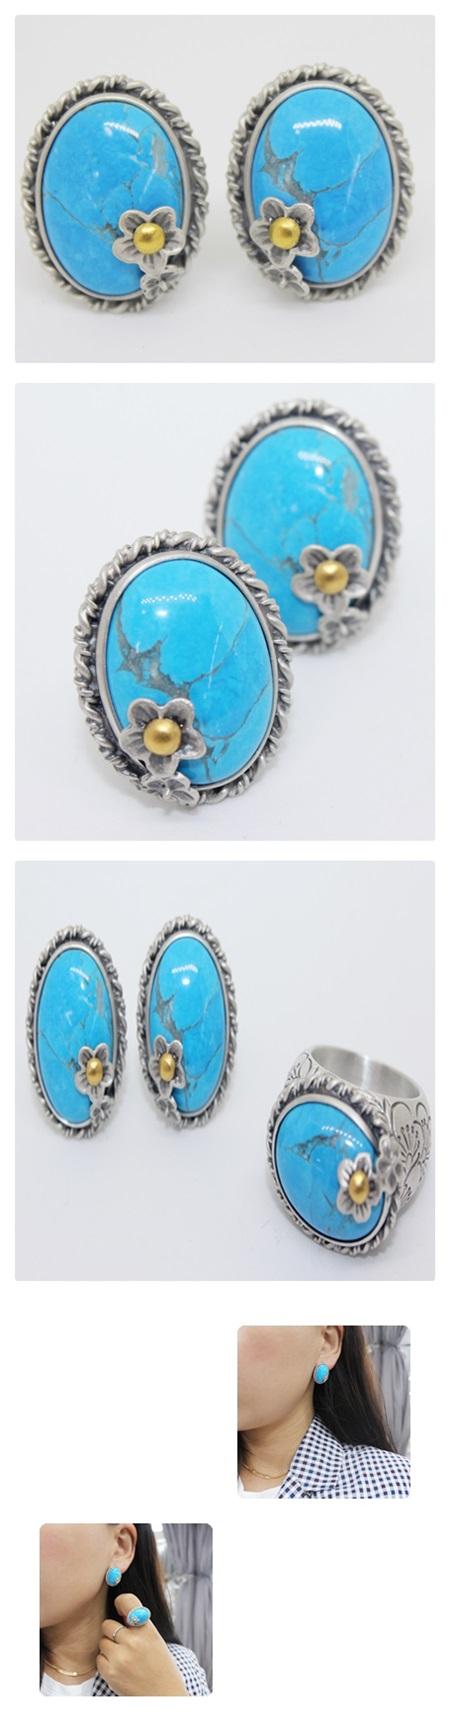 [주문제작] 매화 터키석귀걸이 - 오이수공예, 240,000원, 진주/원석, 볼귀걸이